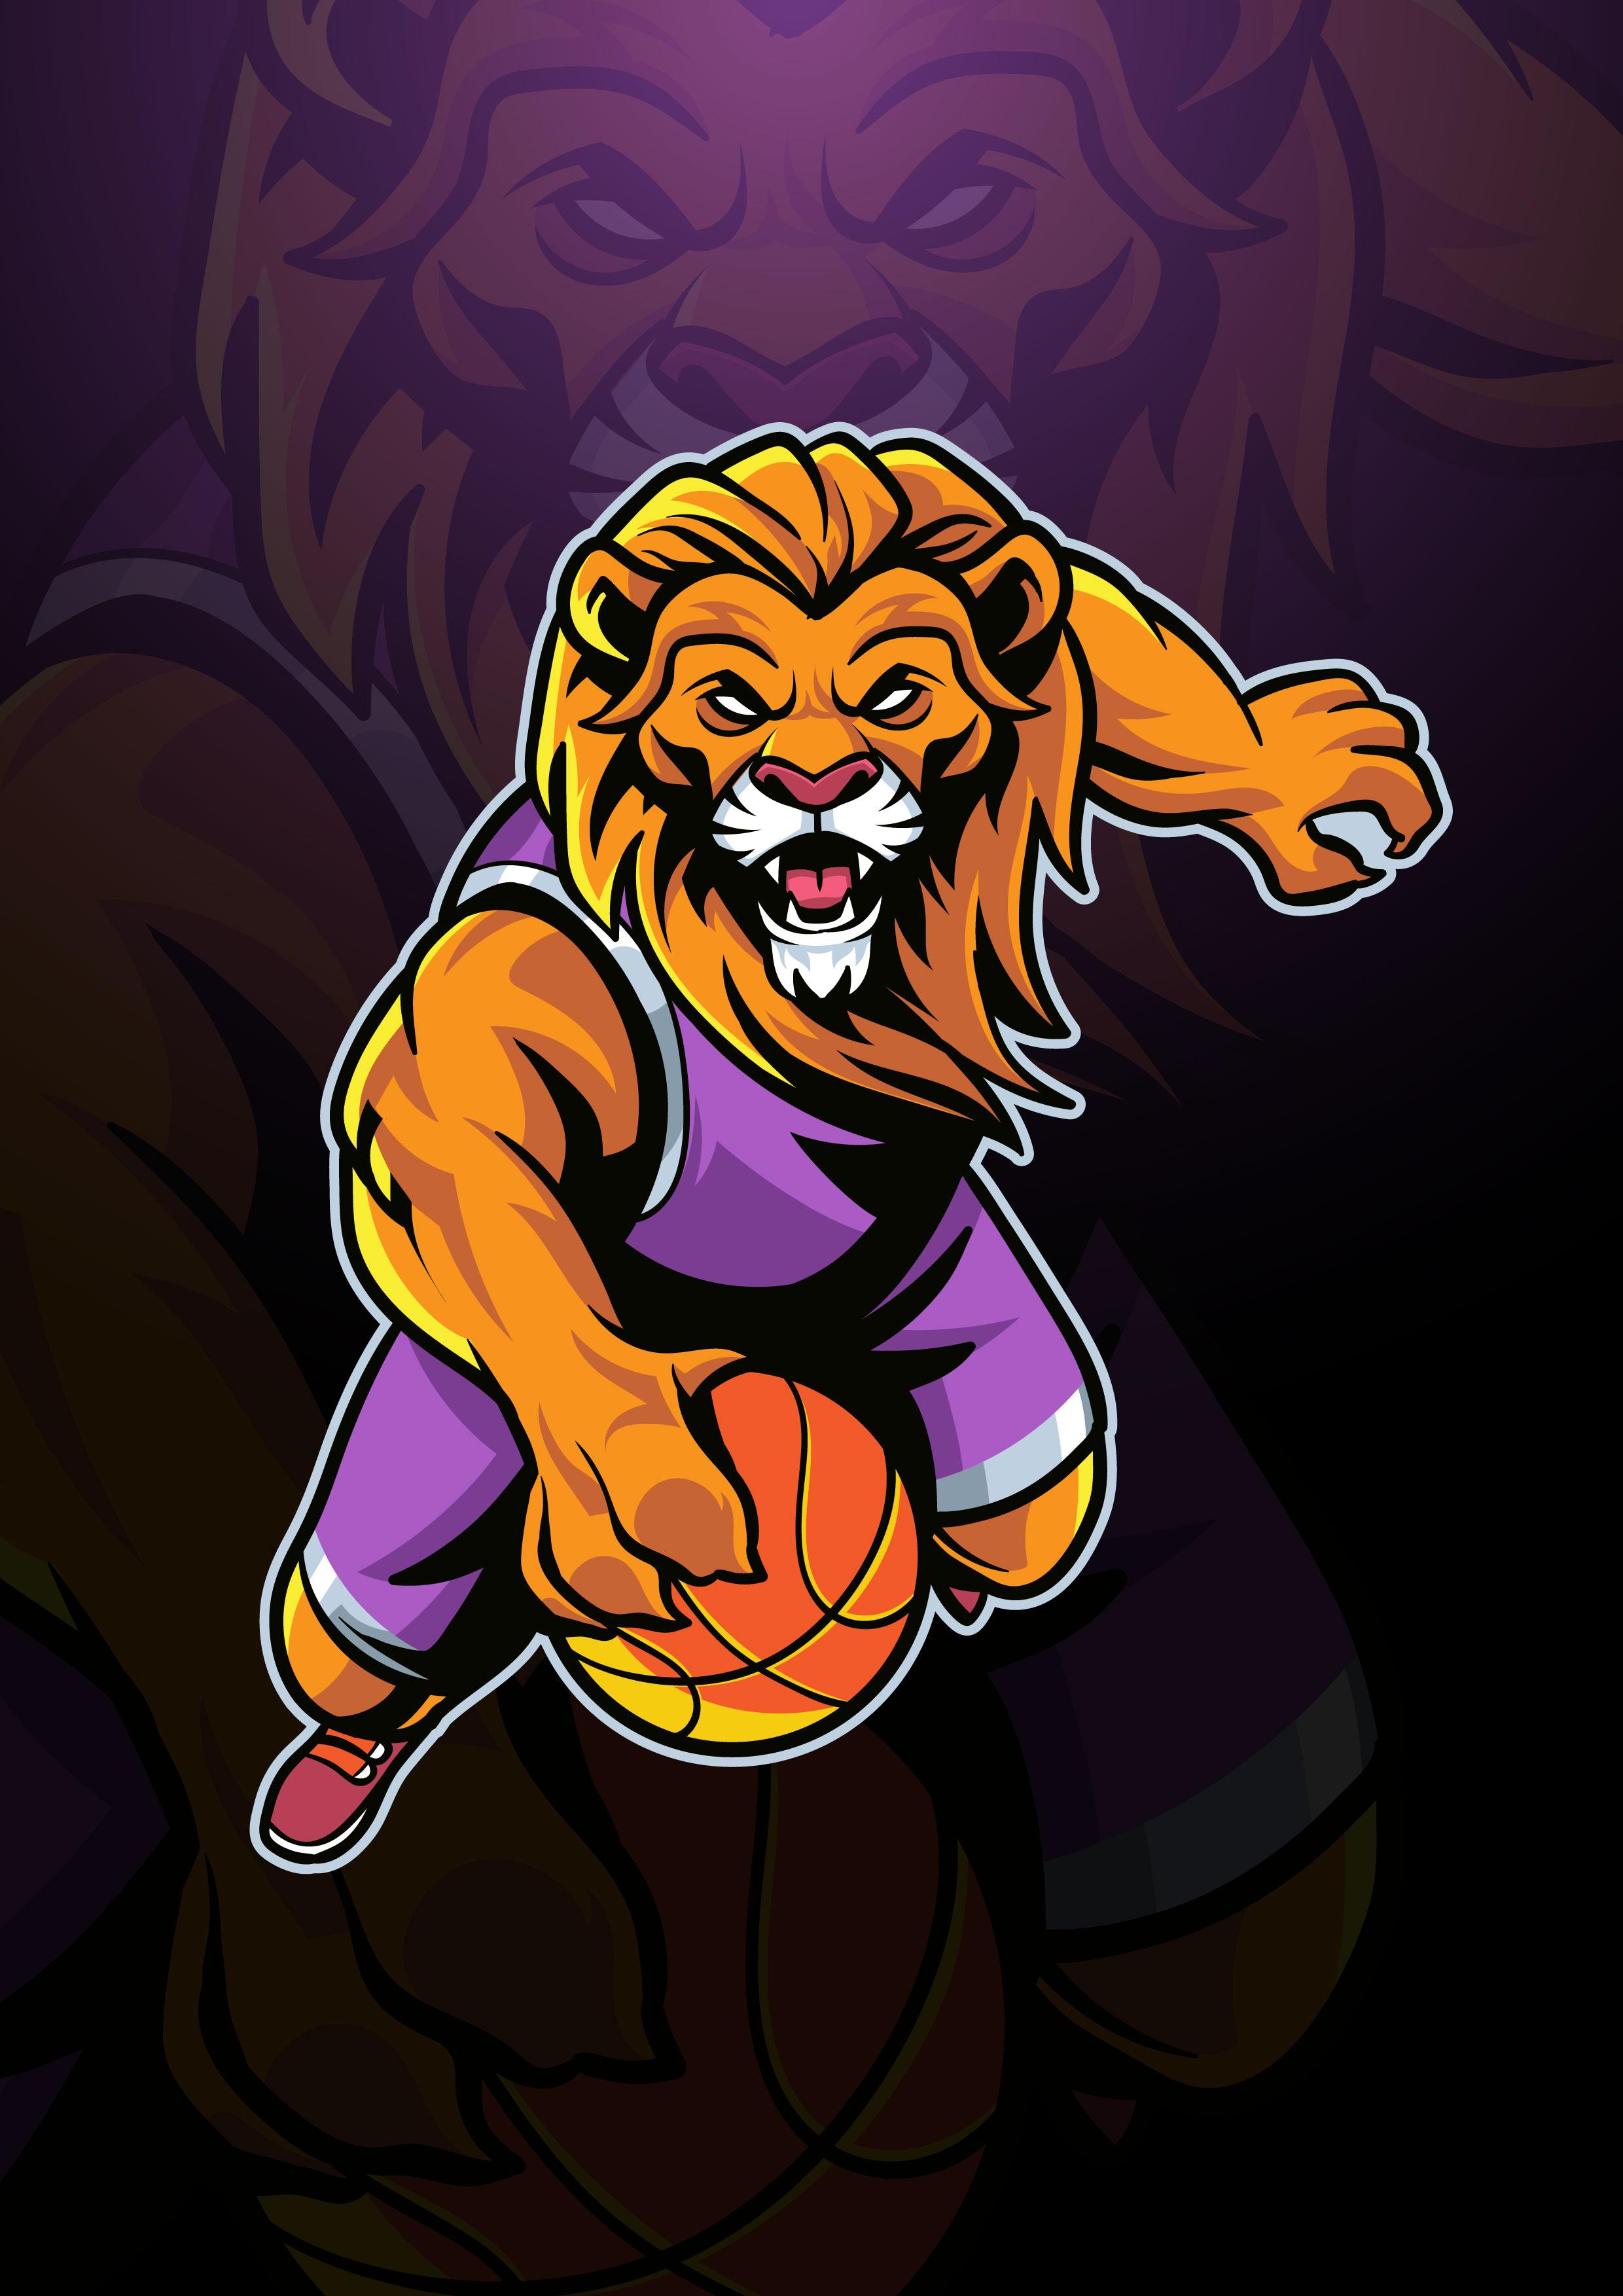 Logotipo de la mascota del baloncesto león - Descargar ...